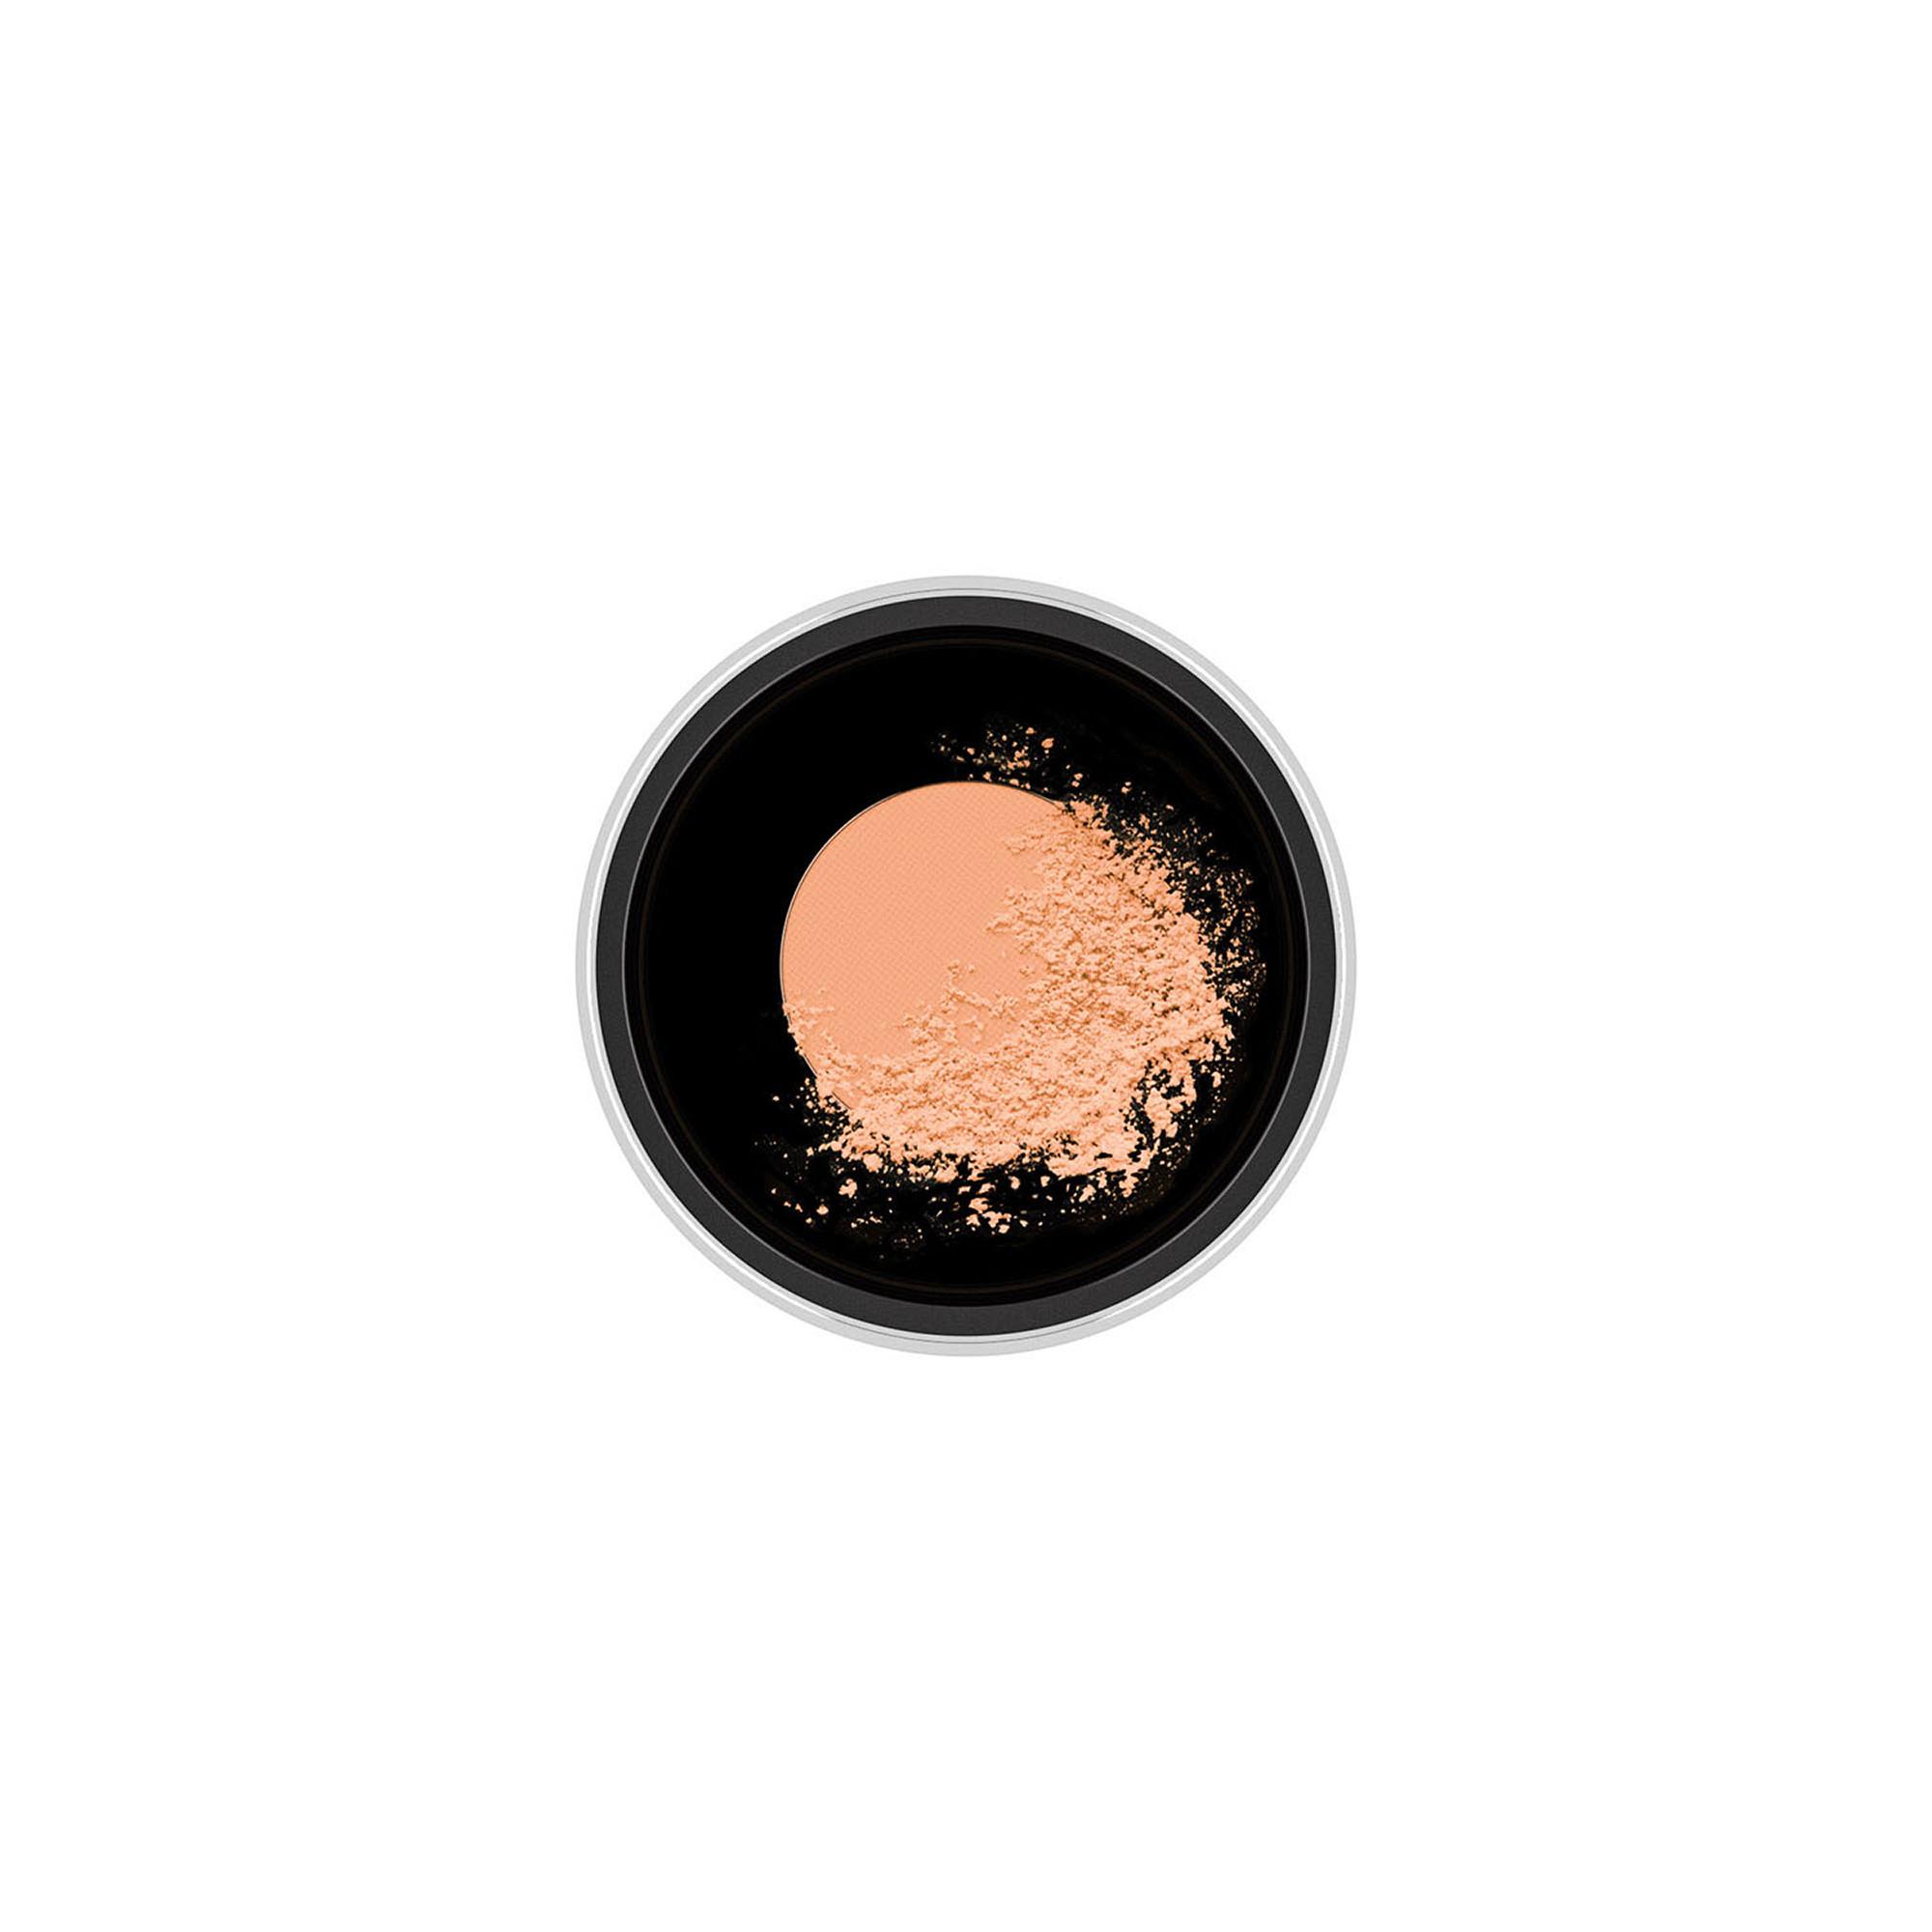 Studio Fix Perfecting Loose Powder - Medium Plus, MEDIUM PLUS, large image number 1